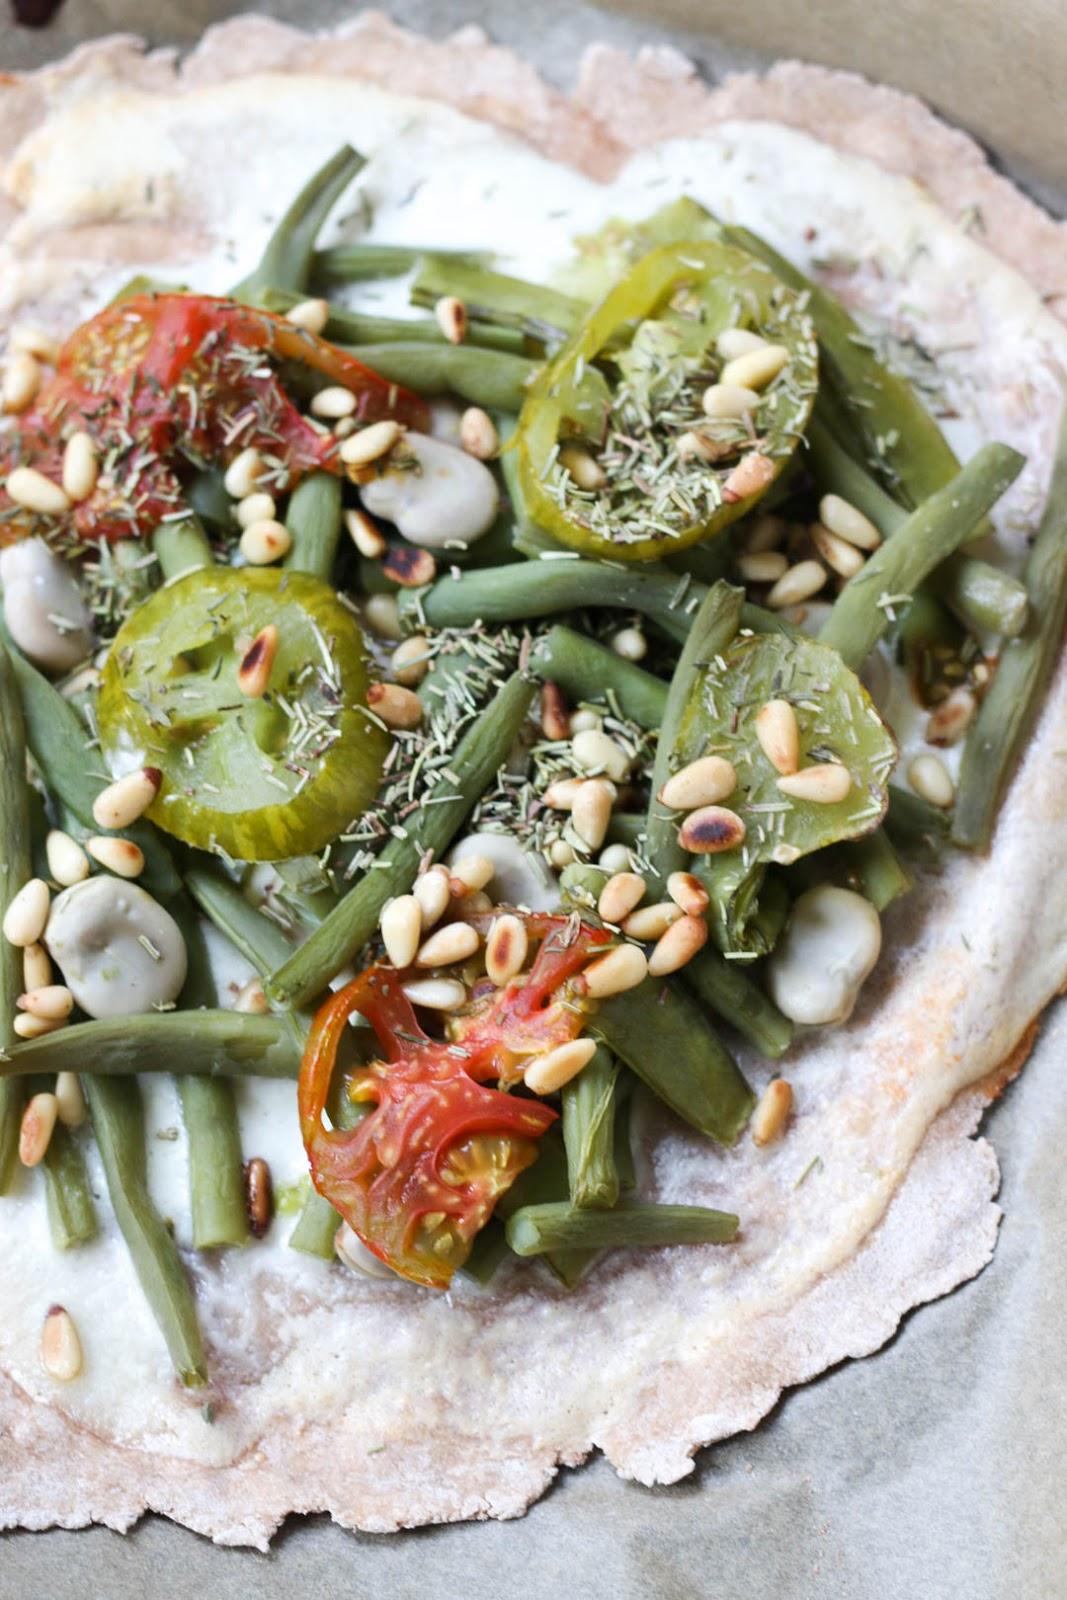 Ackermomente, Ernte, Bohnen-Pizza, Bohnen, Stangenbohnen, Dicke Bohnen